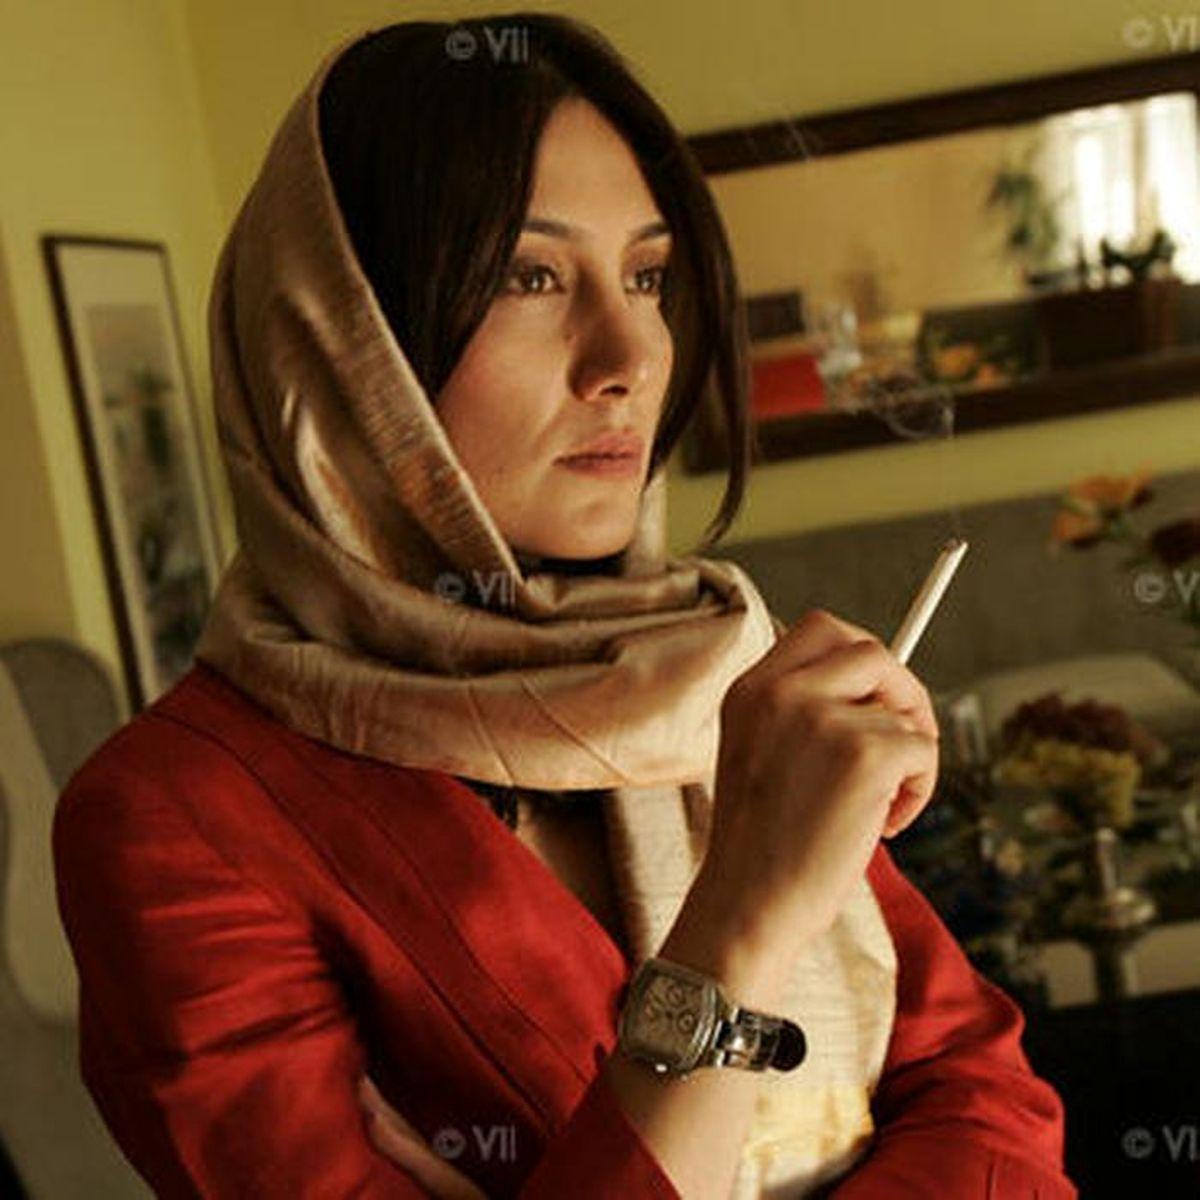 سیگاری و دودی شدن هدیه تهرانی + عکس